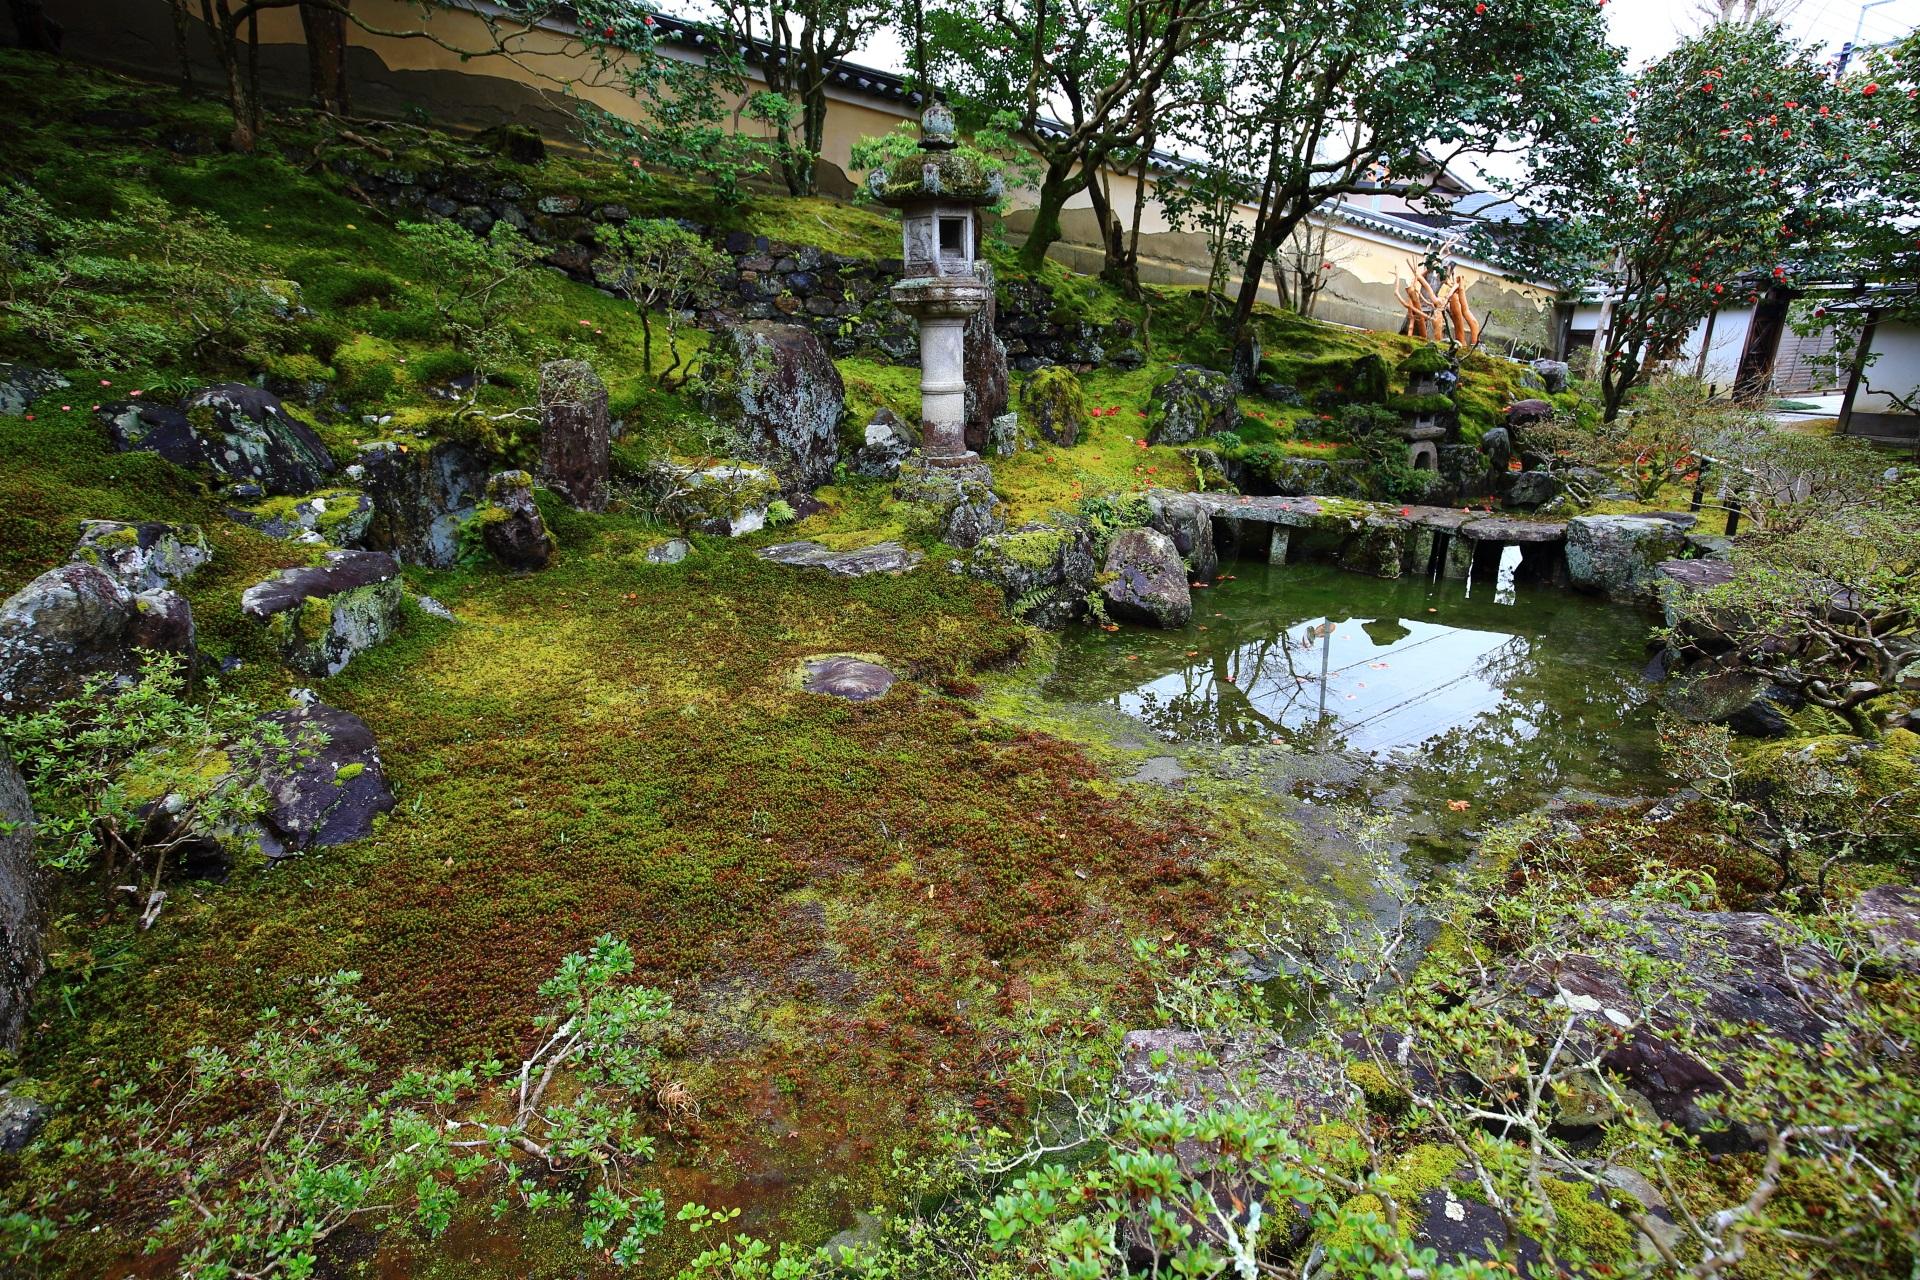 落ち着いた深みのある水の庭園